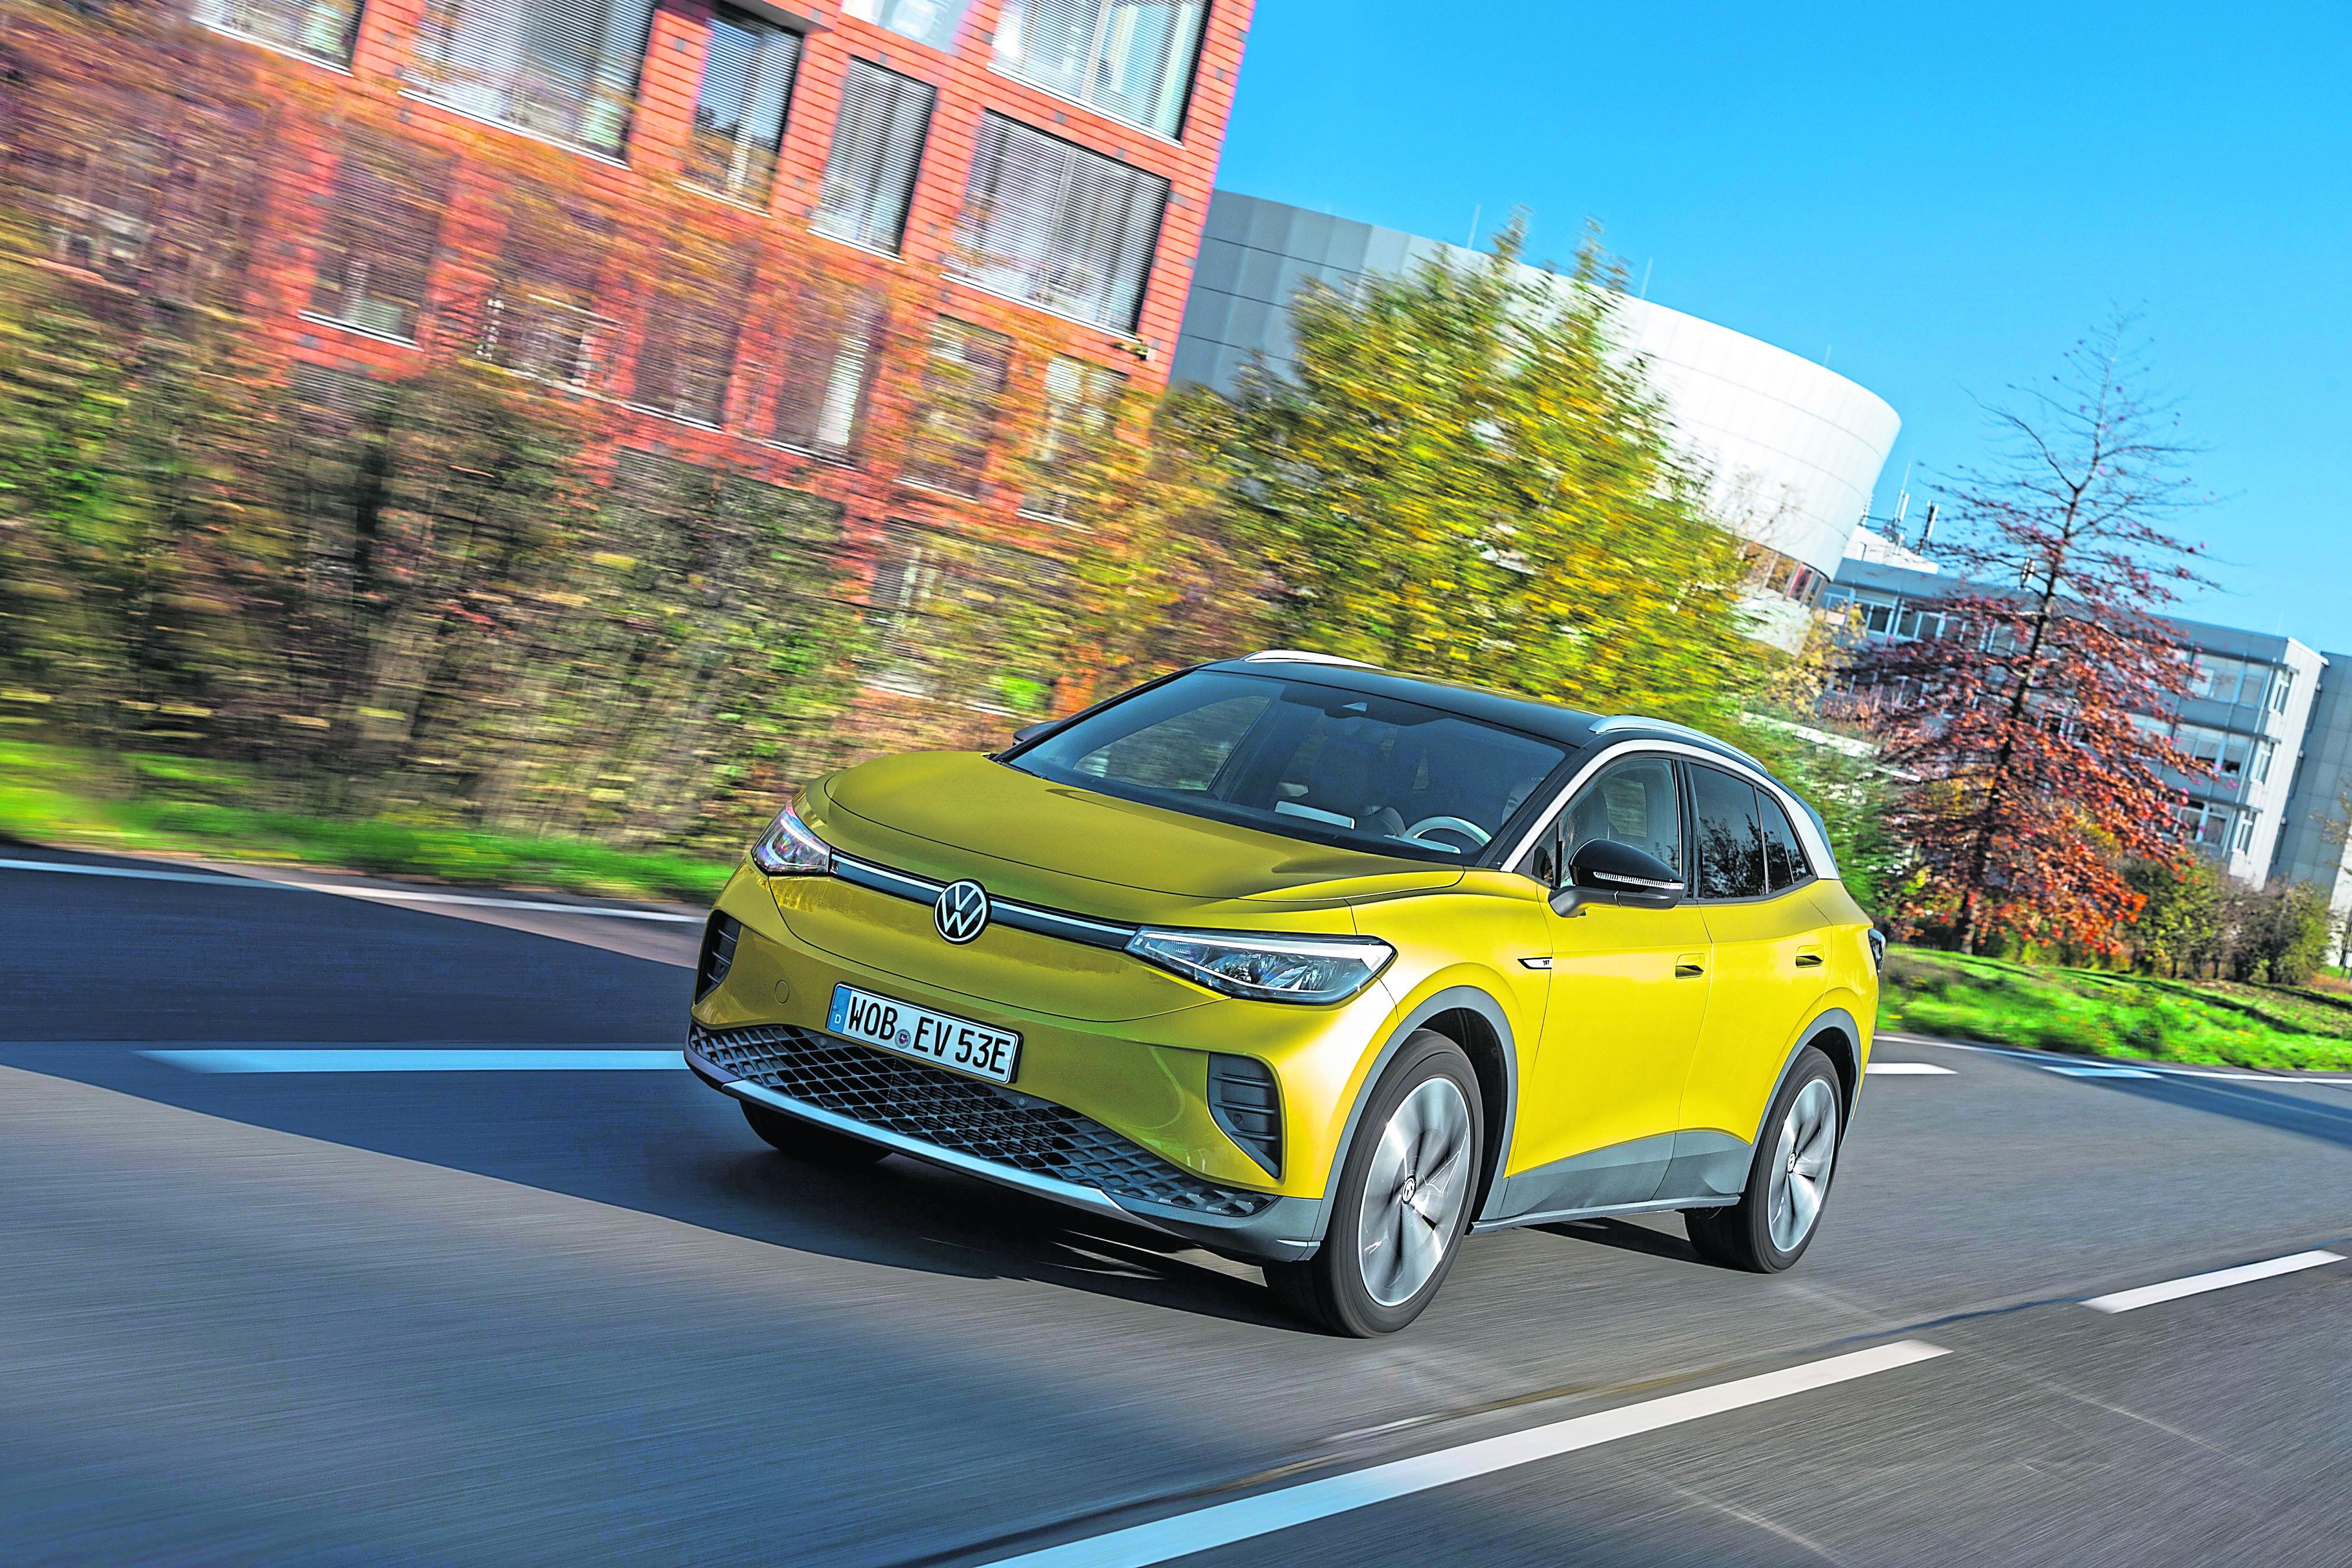 Eine Numer größer: Mit dem ID.4 will VW auf der ganzen Welt die E-Mobilität anschieben.